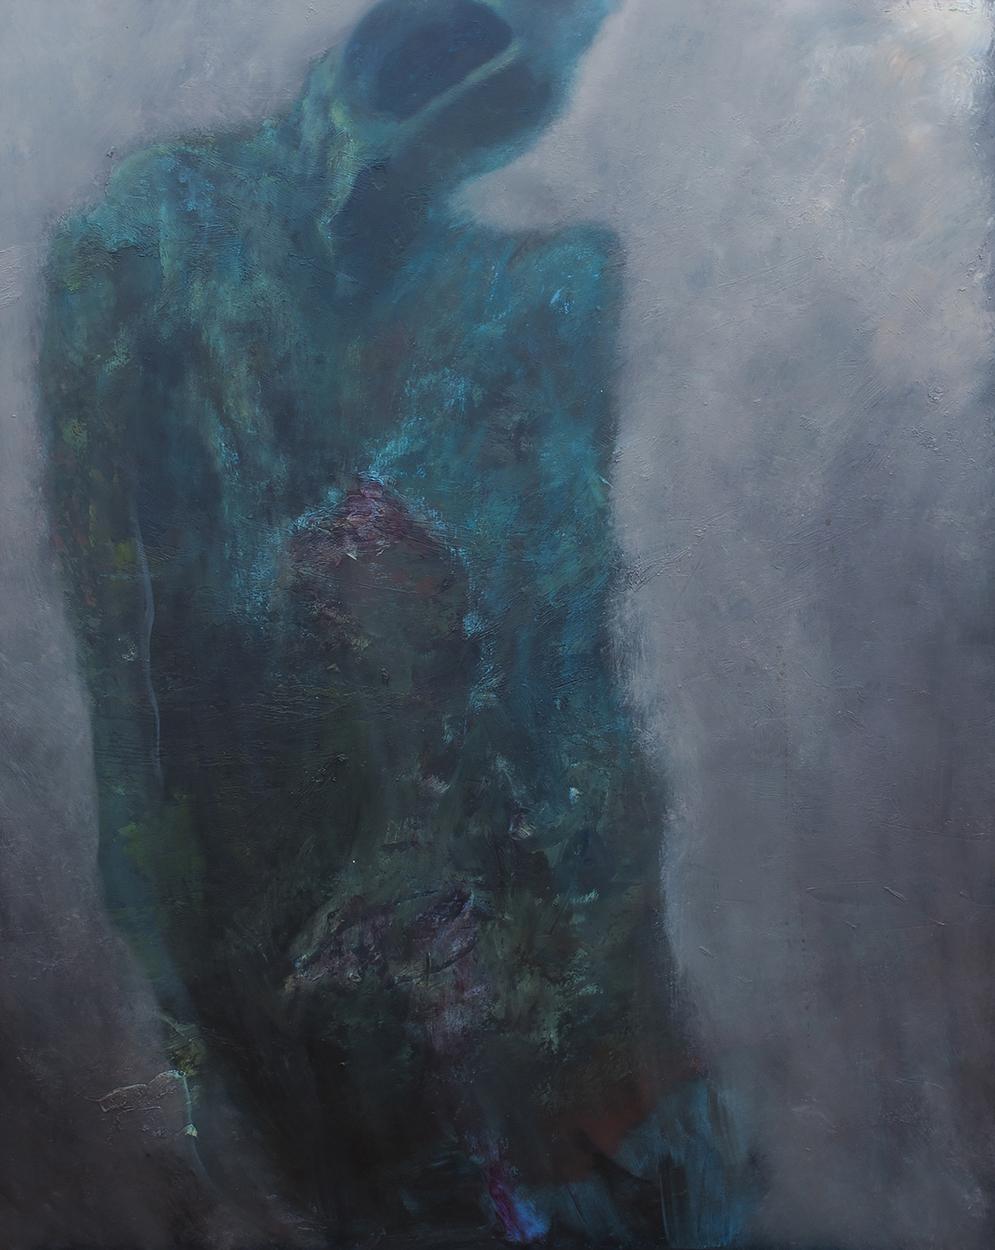 Chrysalis Artwork by Jody Fallon